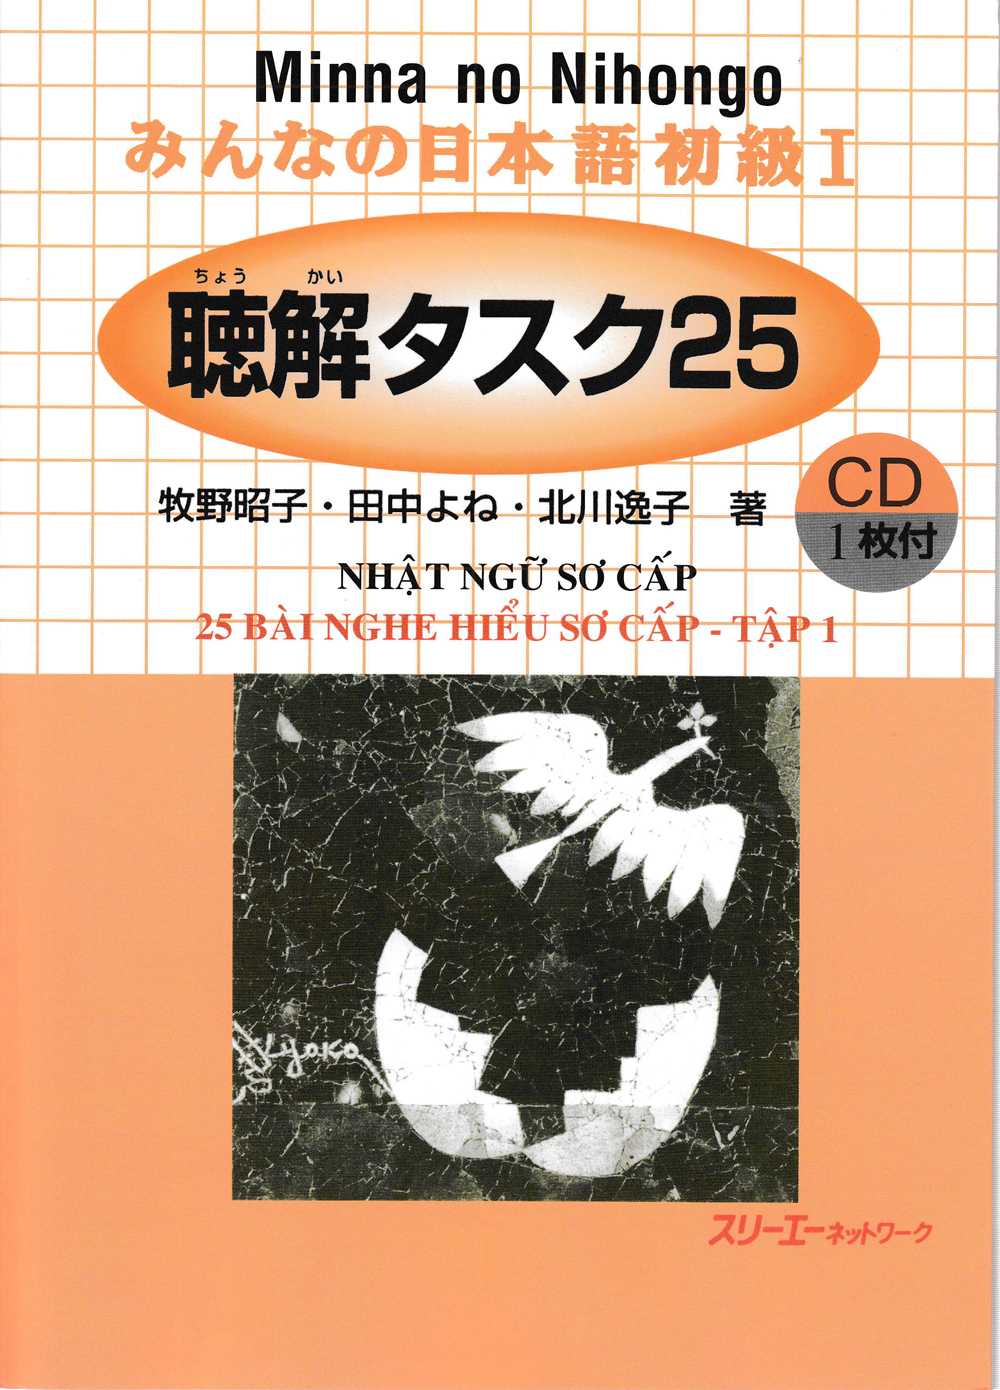 Minna no Nihongo - 25 Bài Nghe Hiểu Nhật Ngữ Sơ Cấp Tập 1 (Kèm CD)